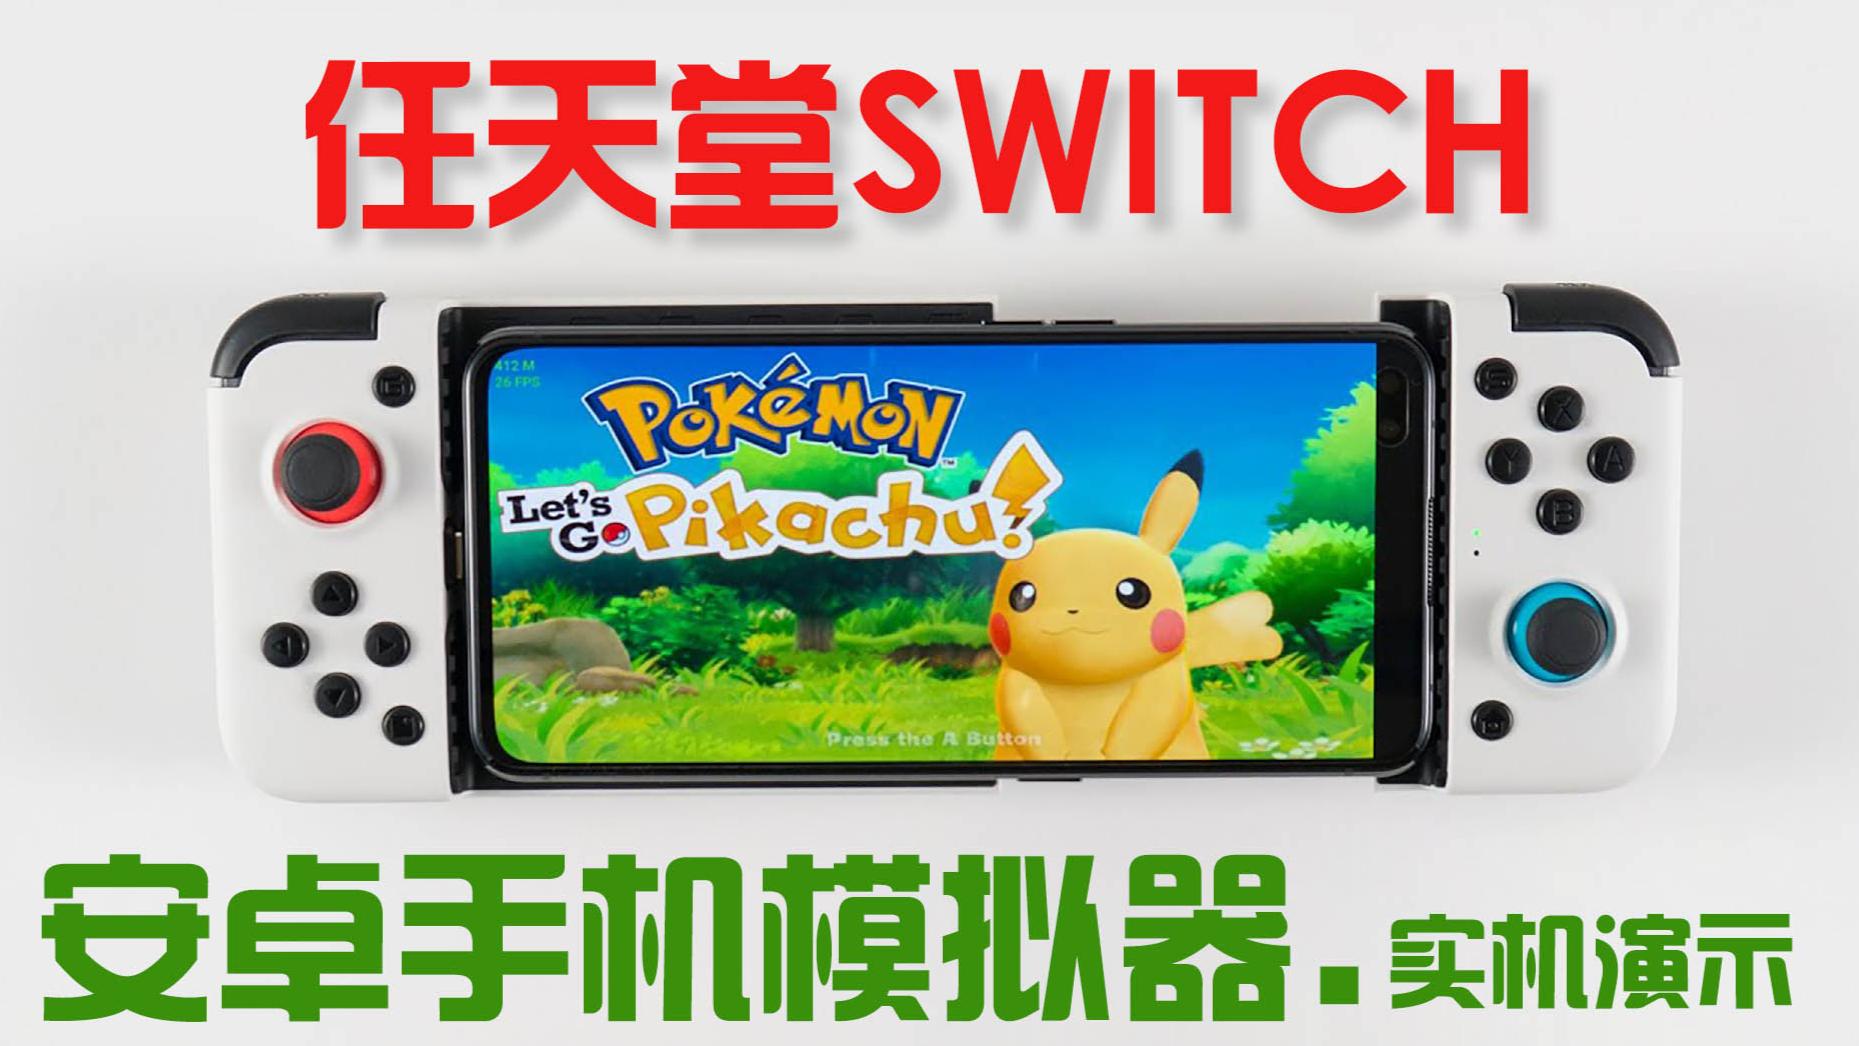 SWITCH安卓模拟器(实机演示)可运行多款任天堂大作!